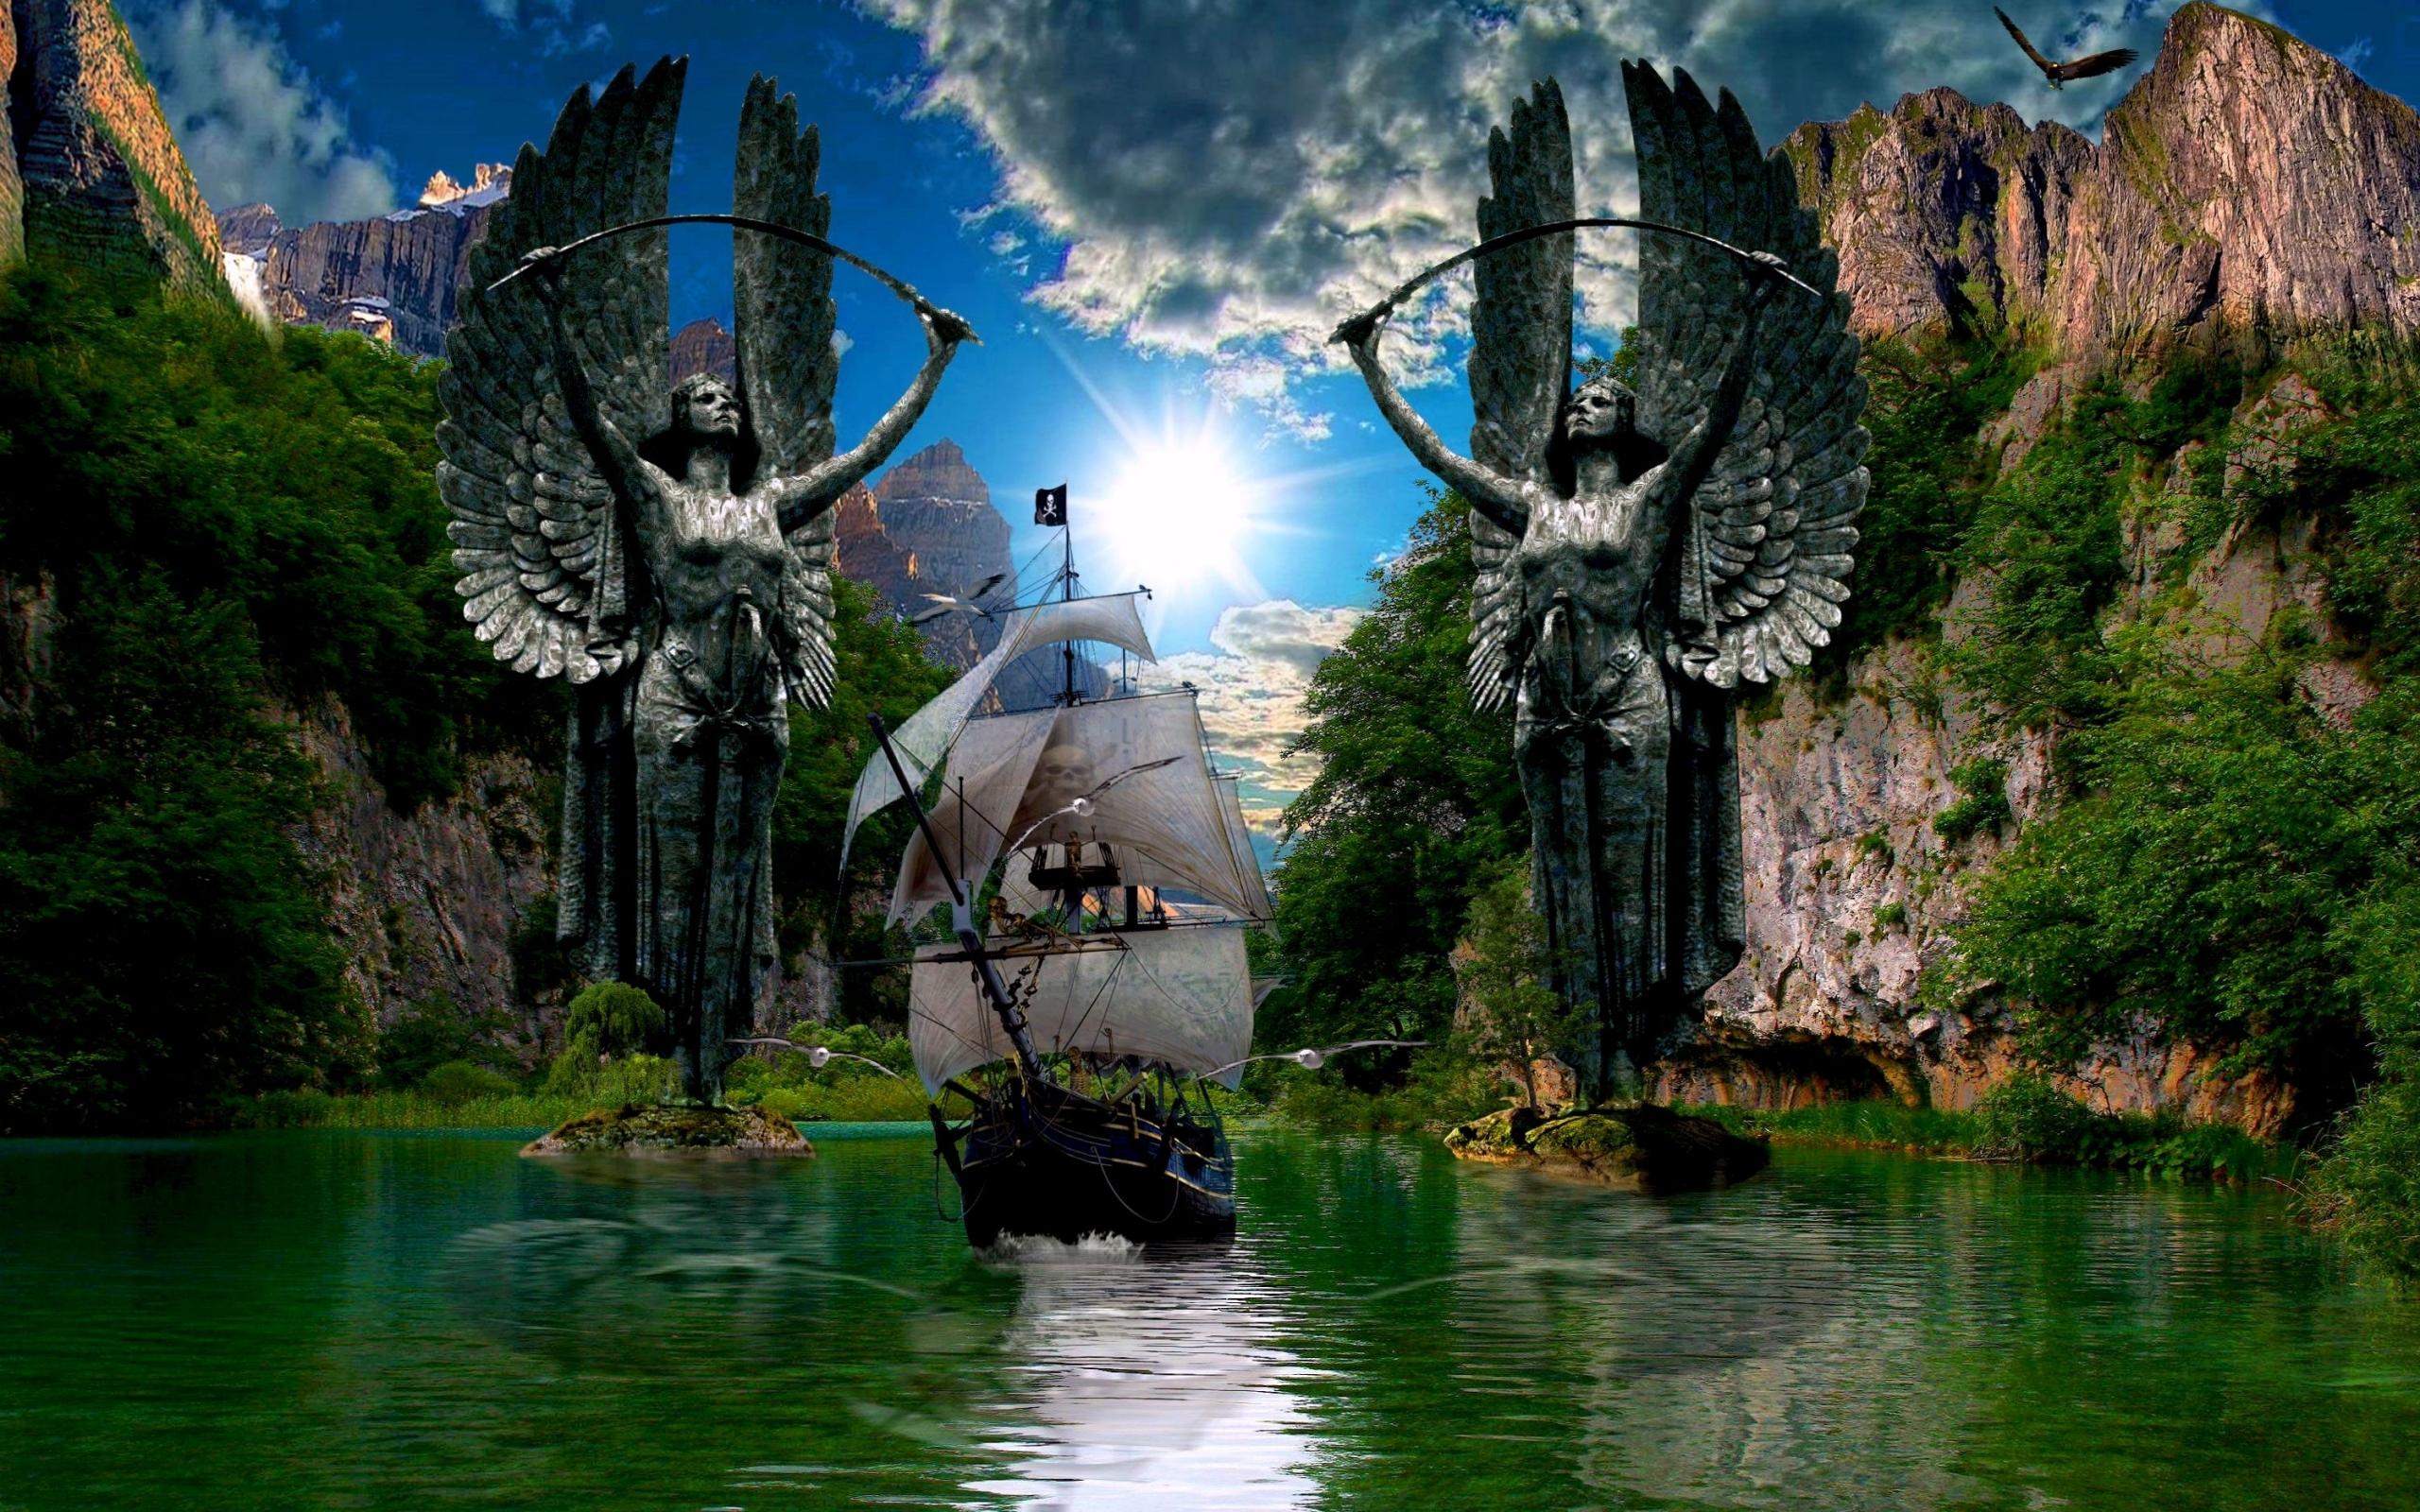 25206 Hintergrundbild herunterladen Fantasie, Landschaft, Transport, Schiffe, Sea, Sun, Clouds - Bildschirmschoner und Bilder kostenlos